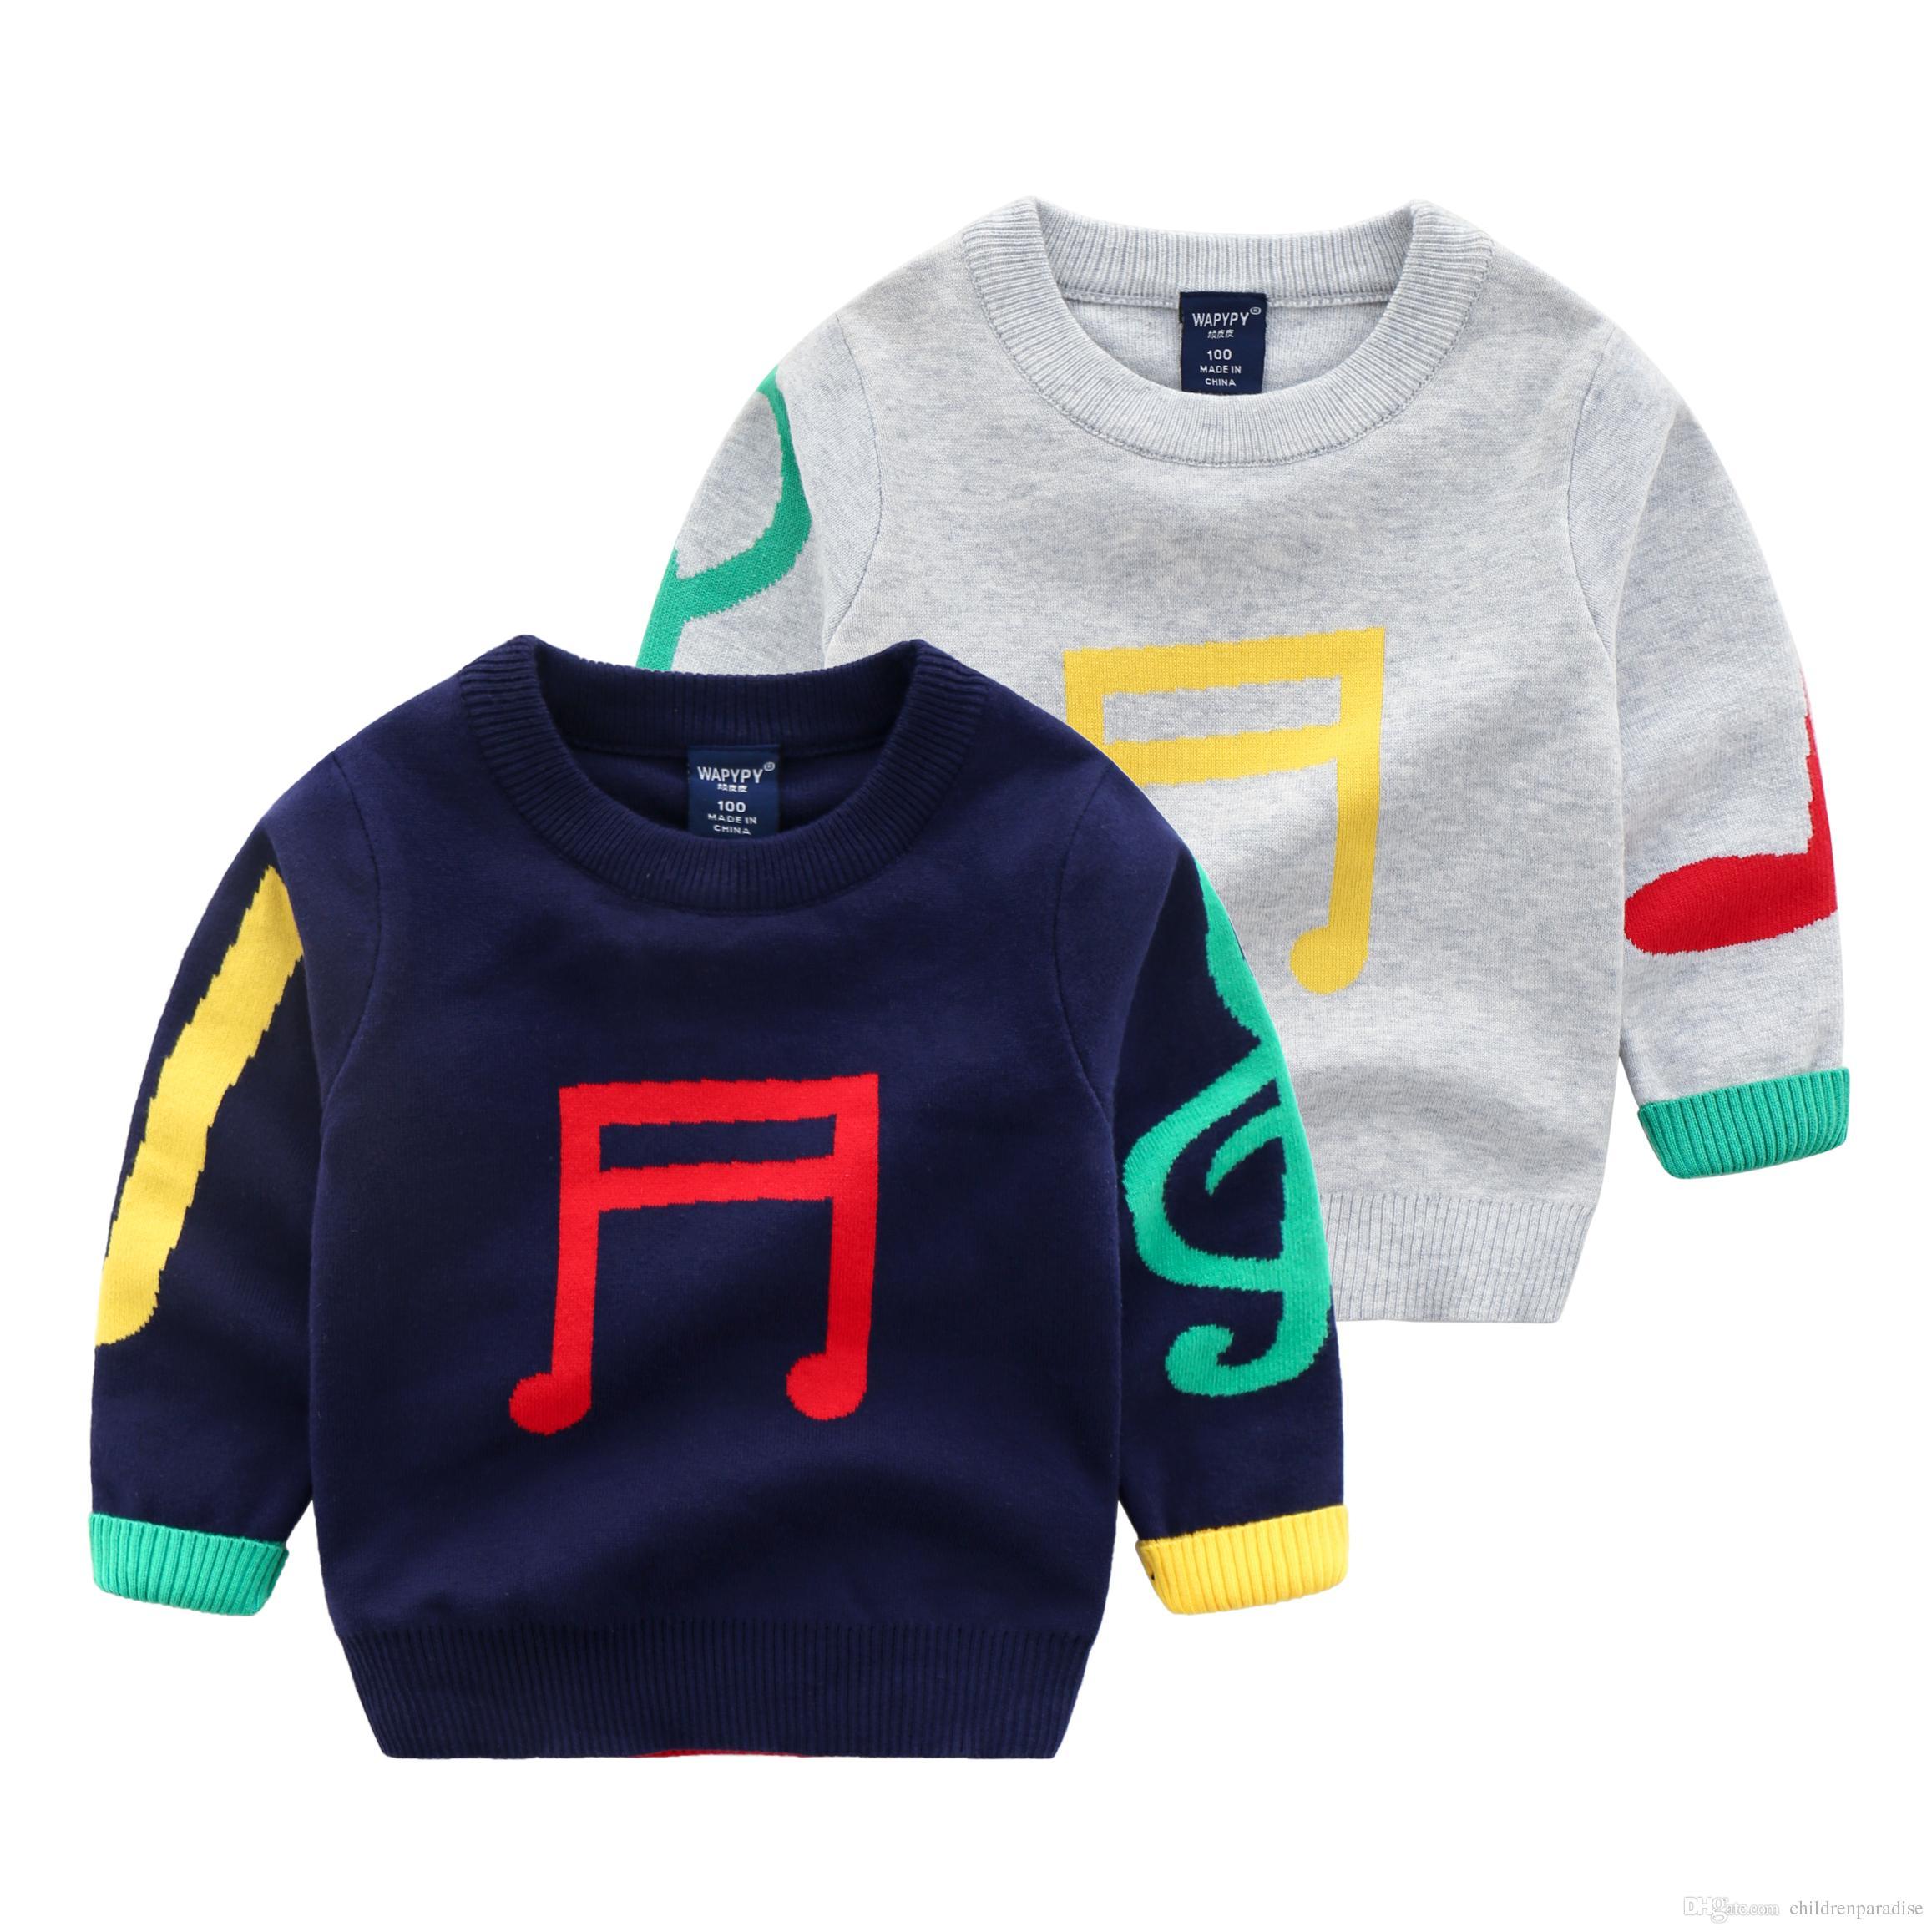 28cdd51a6f2a Acquista 2018 Autunno Inverno O Collo Cotone Ragazzi Maglione Abbigliamento  Bambini Pullover Casual Baby Maglione Stampa Baby Maglione 24M Baby Tops A  ...